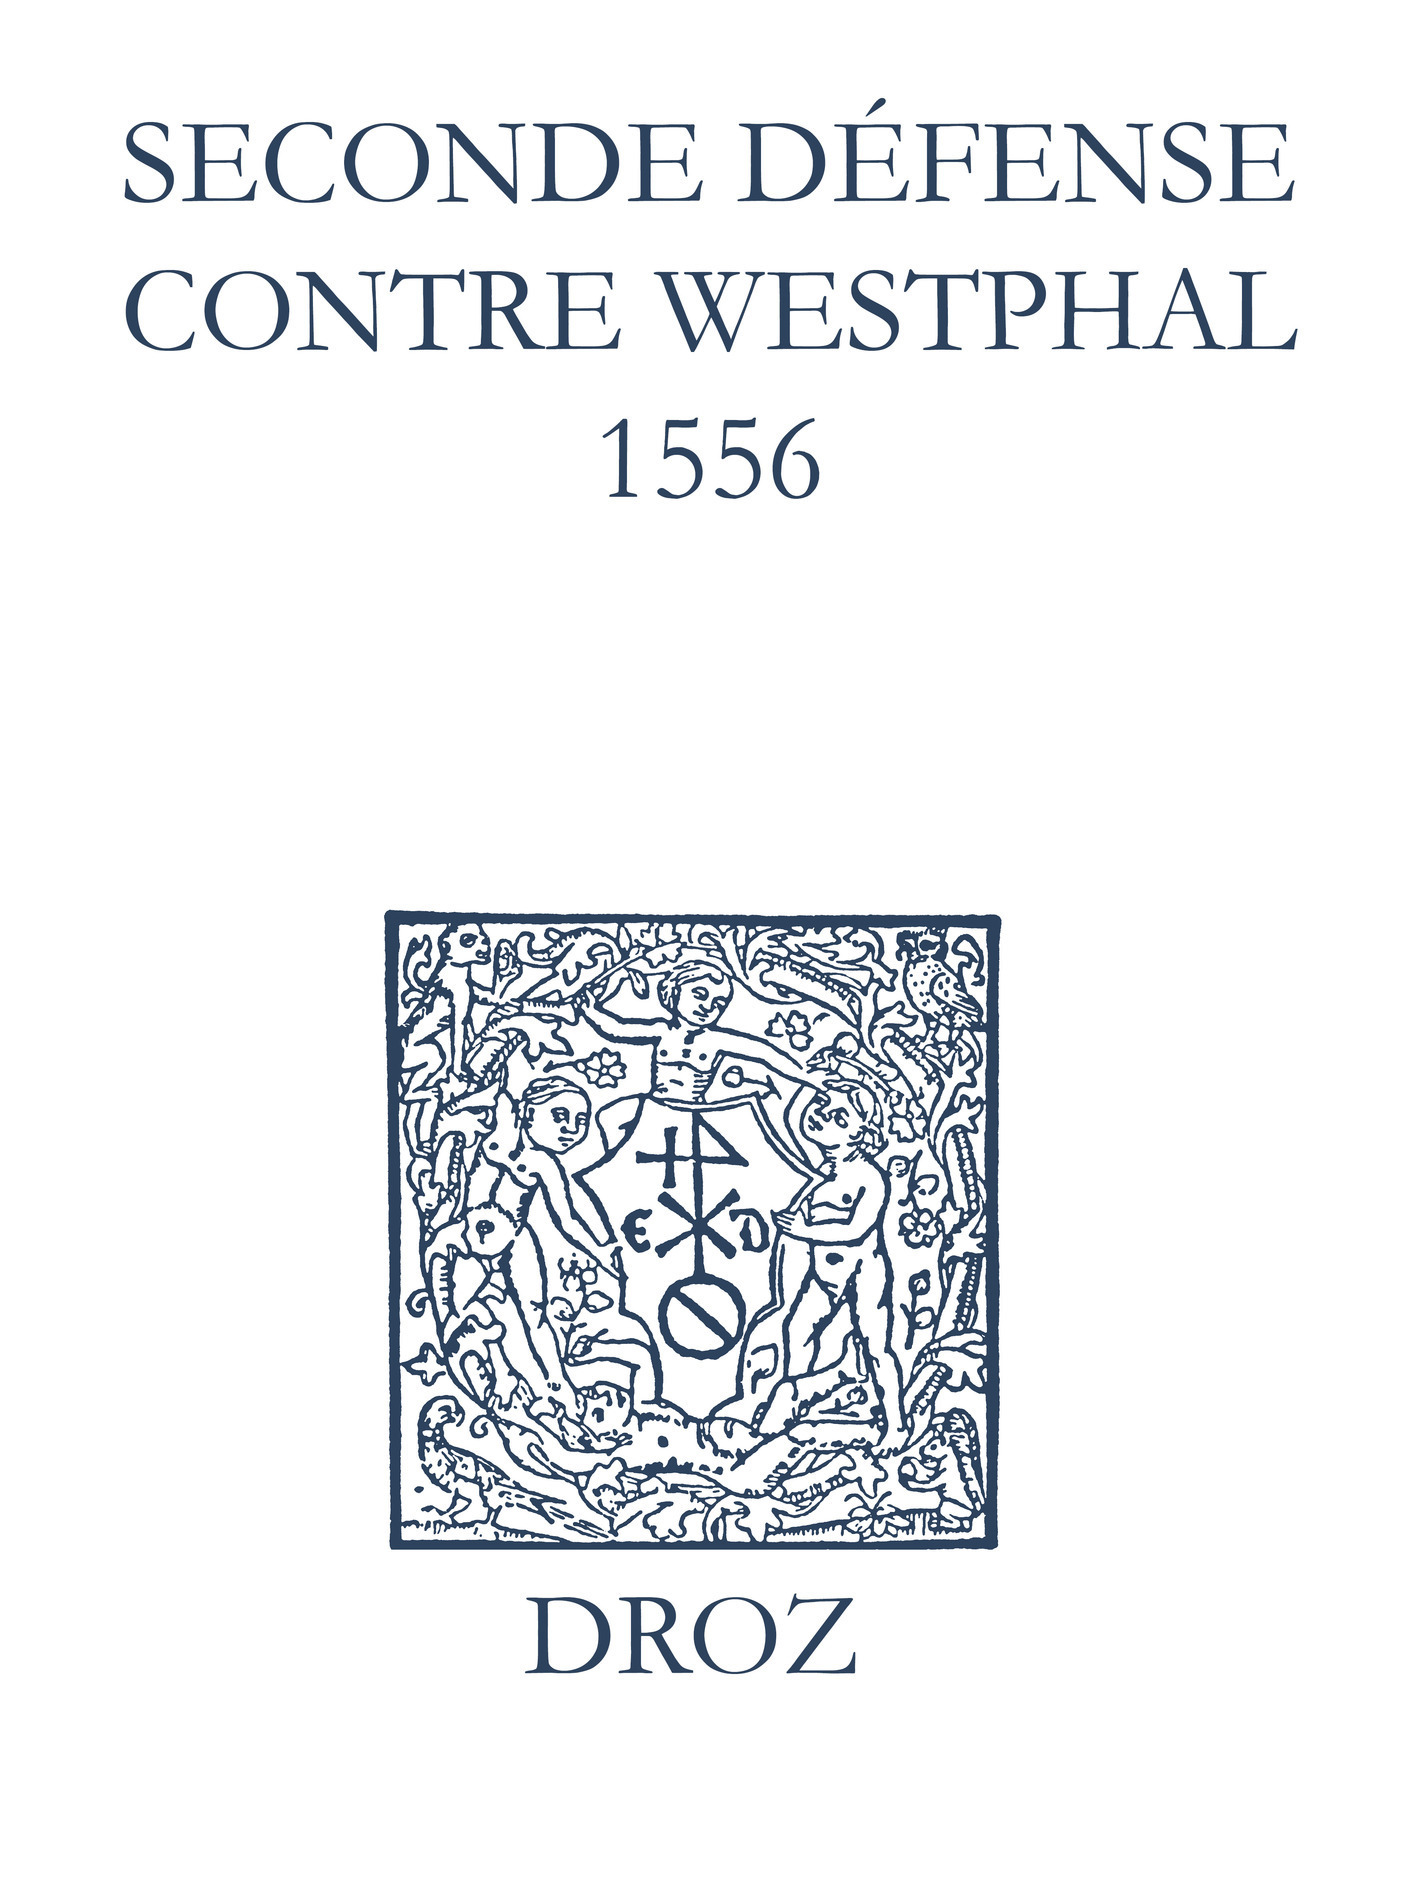 Recueil des opuscules 1566. Seconde défense contre Westphal (1556)  - Laurence Vial-Bergon